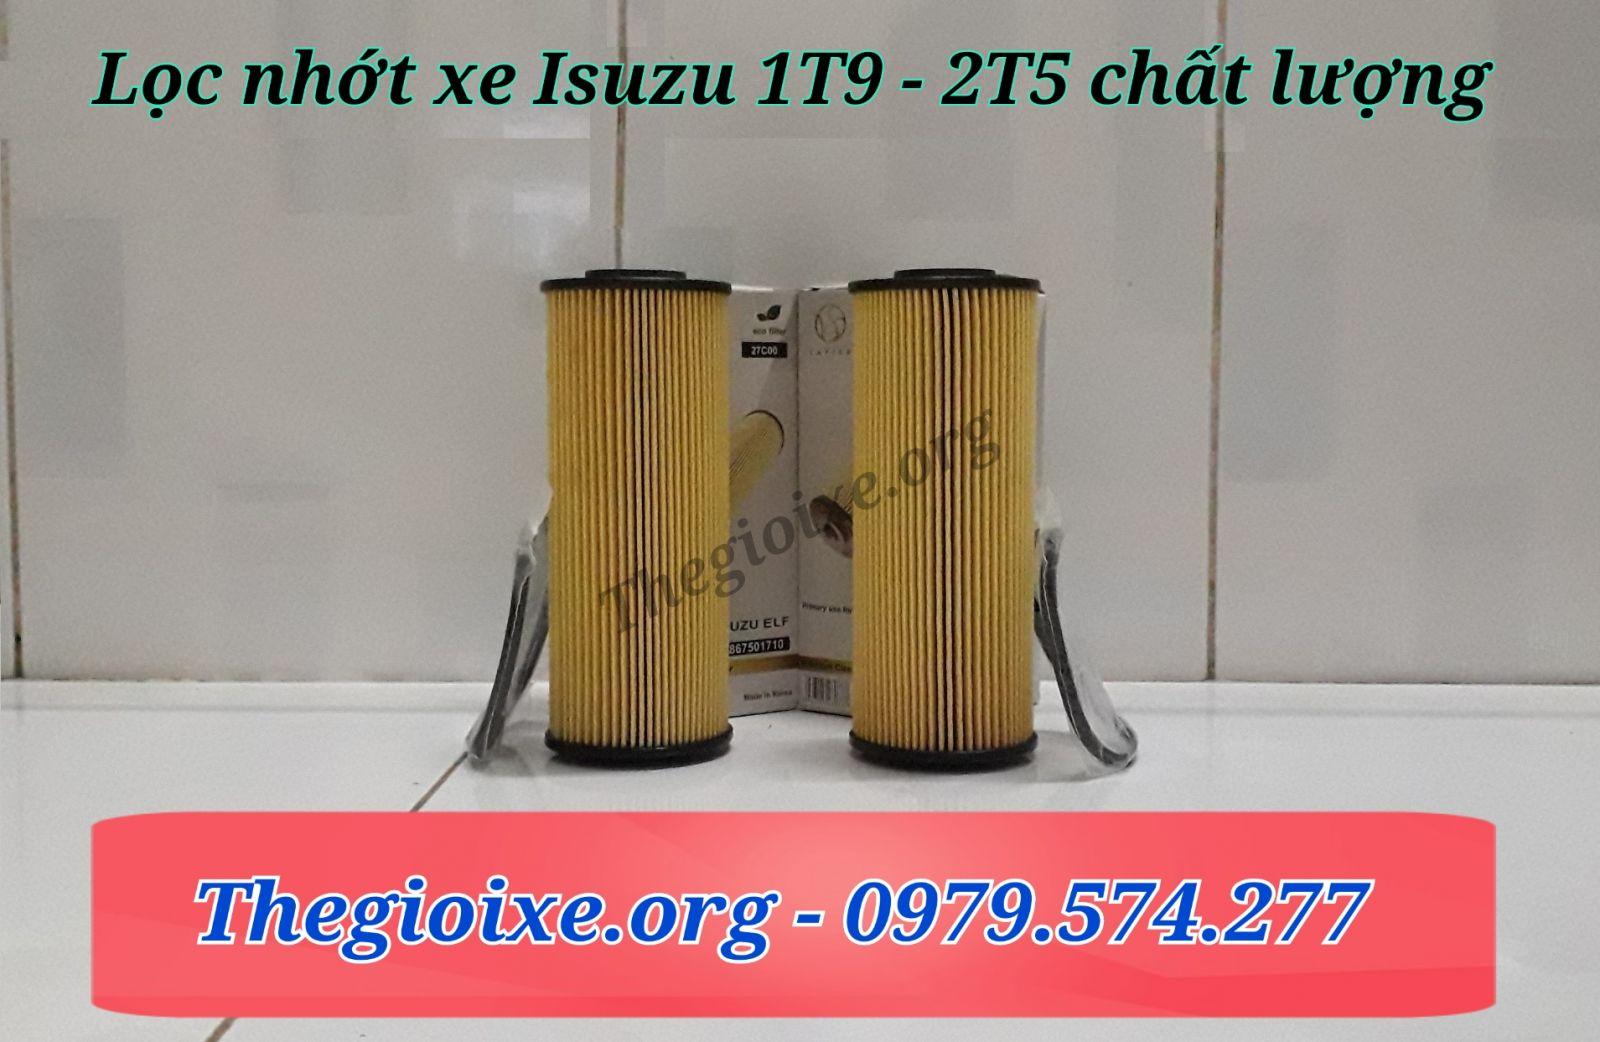 Lọc nhớt xe Isuzu 1t9 - 2t5